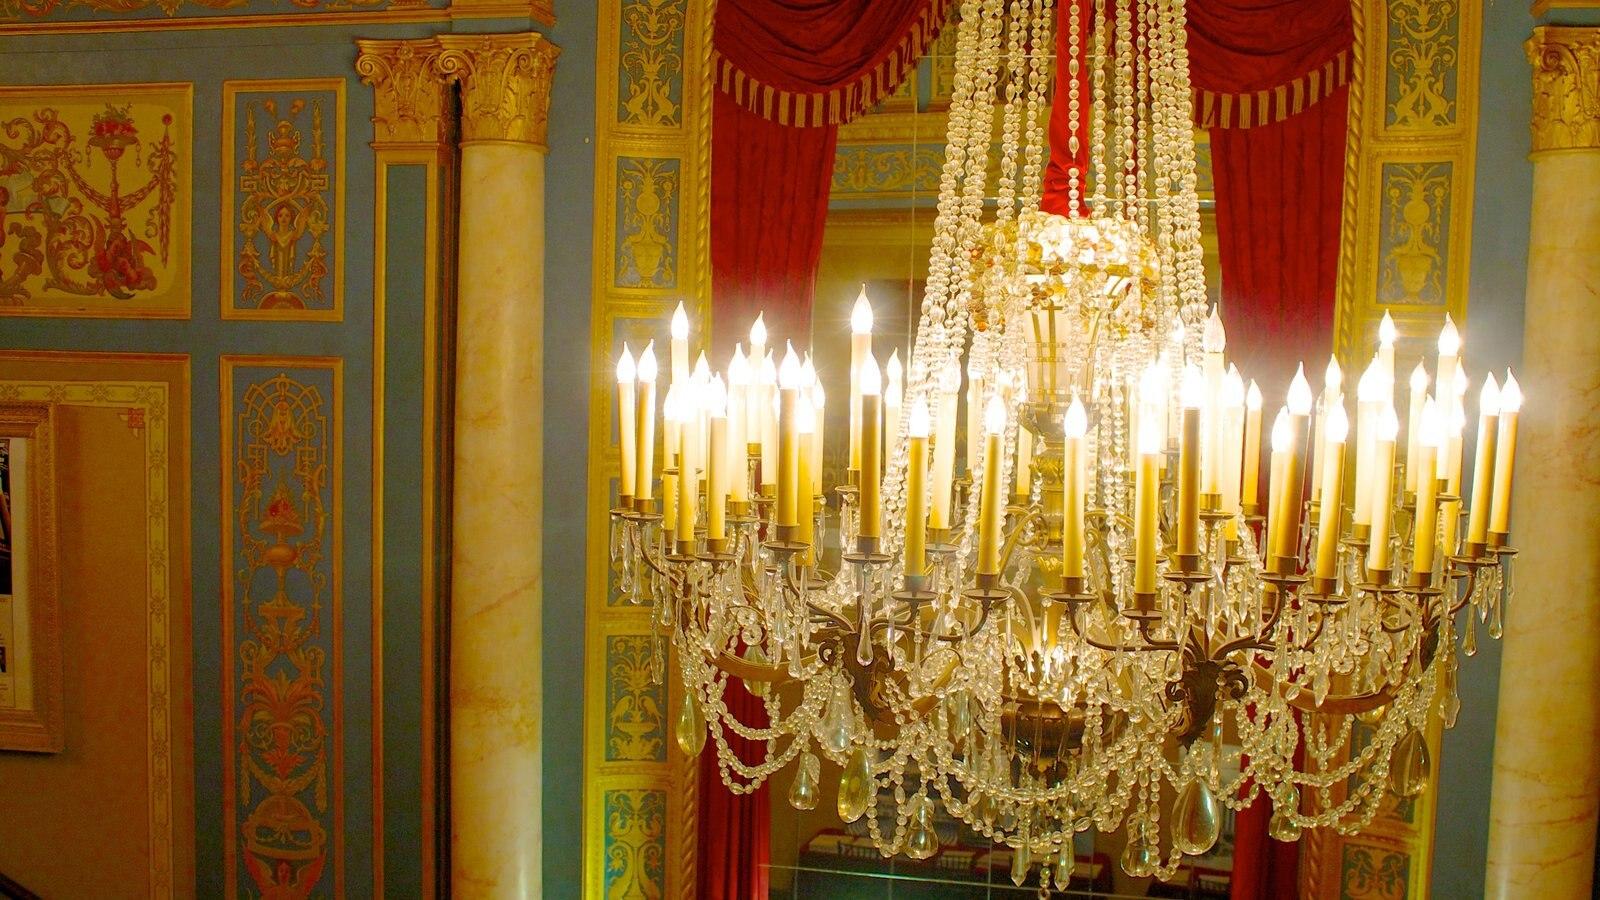 Detroit Opera House mostrando vistas internas e cenas de teatro